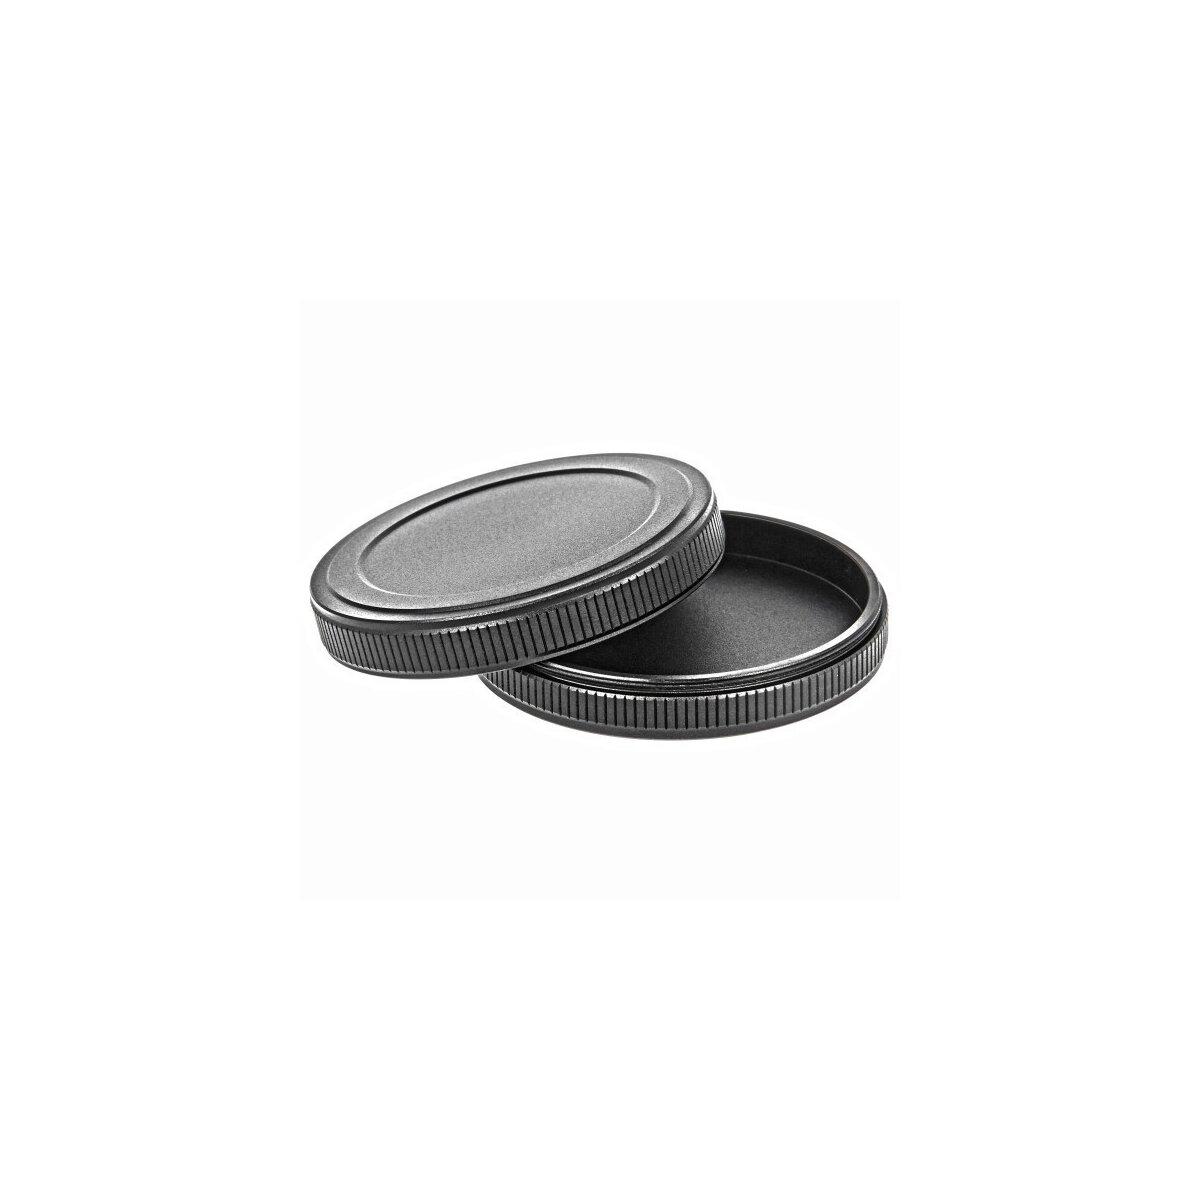 Aluminium Filter-Schutzdeckel / Schraub-Filterkappen fuer 72mm Filter - JJC SC-72